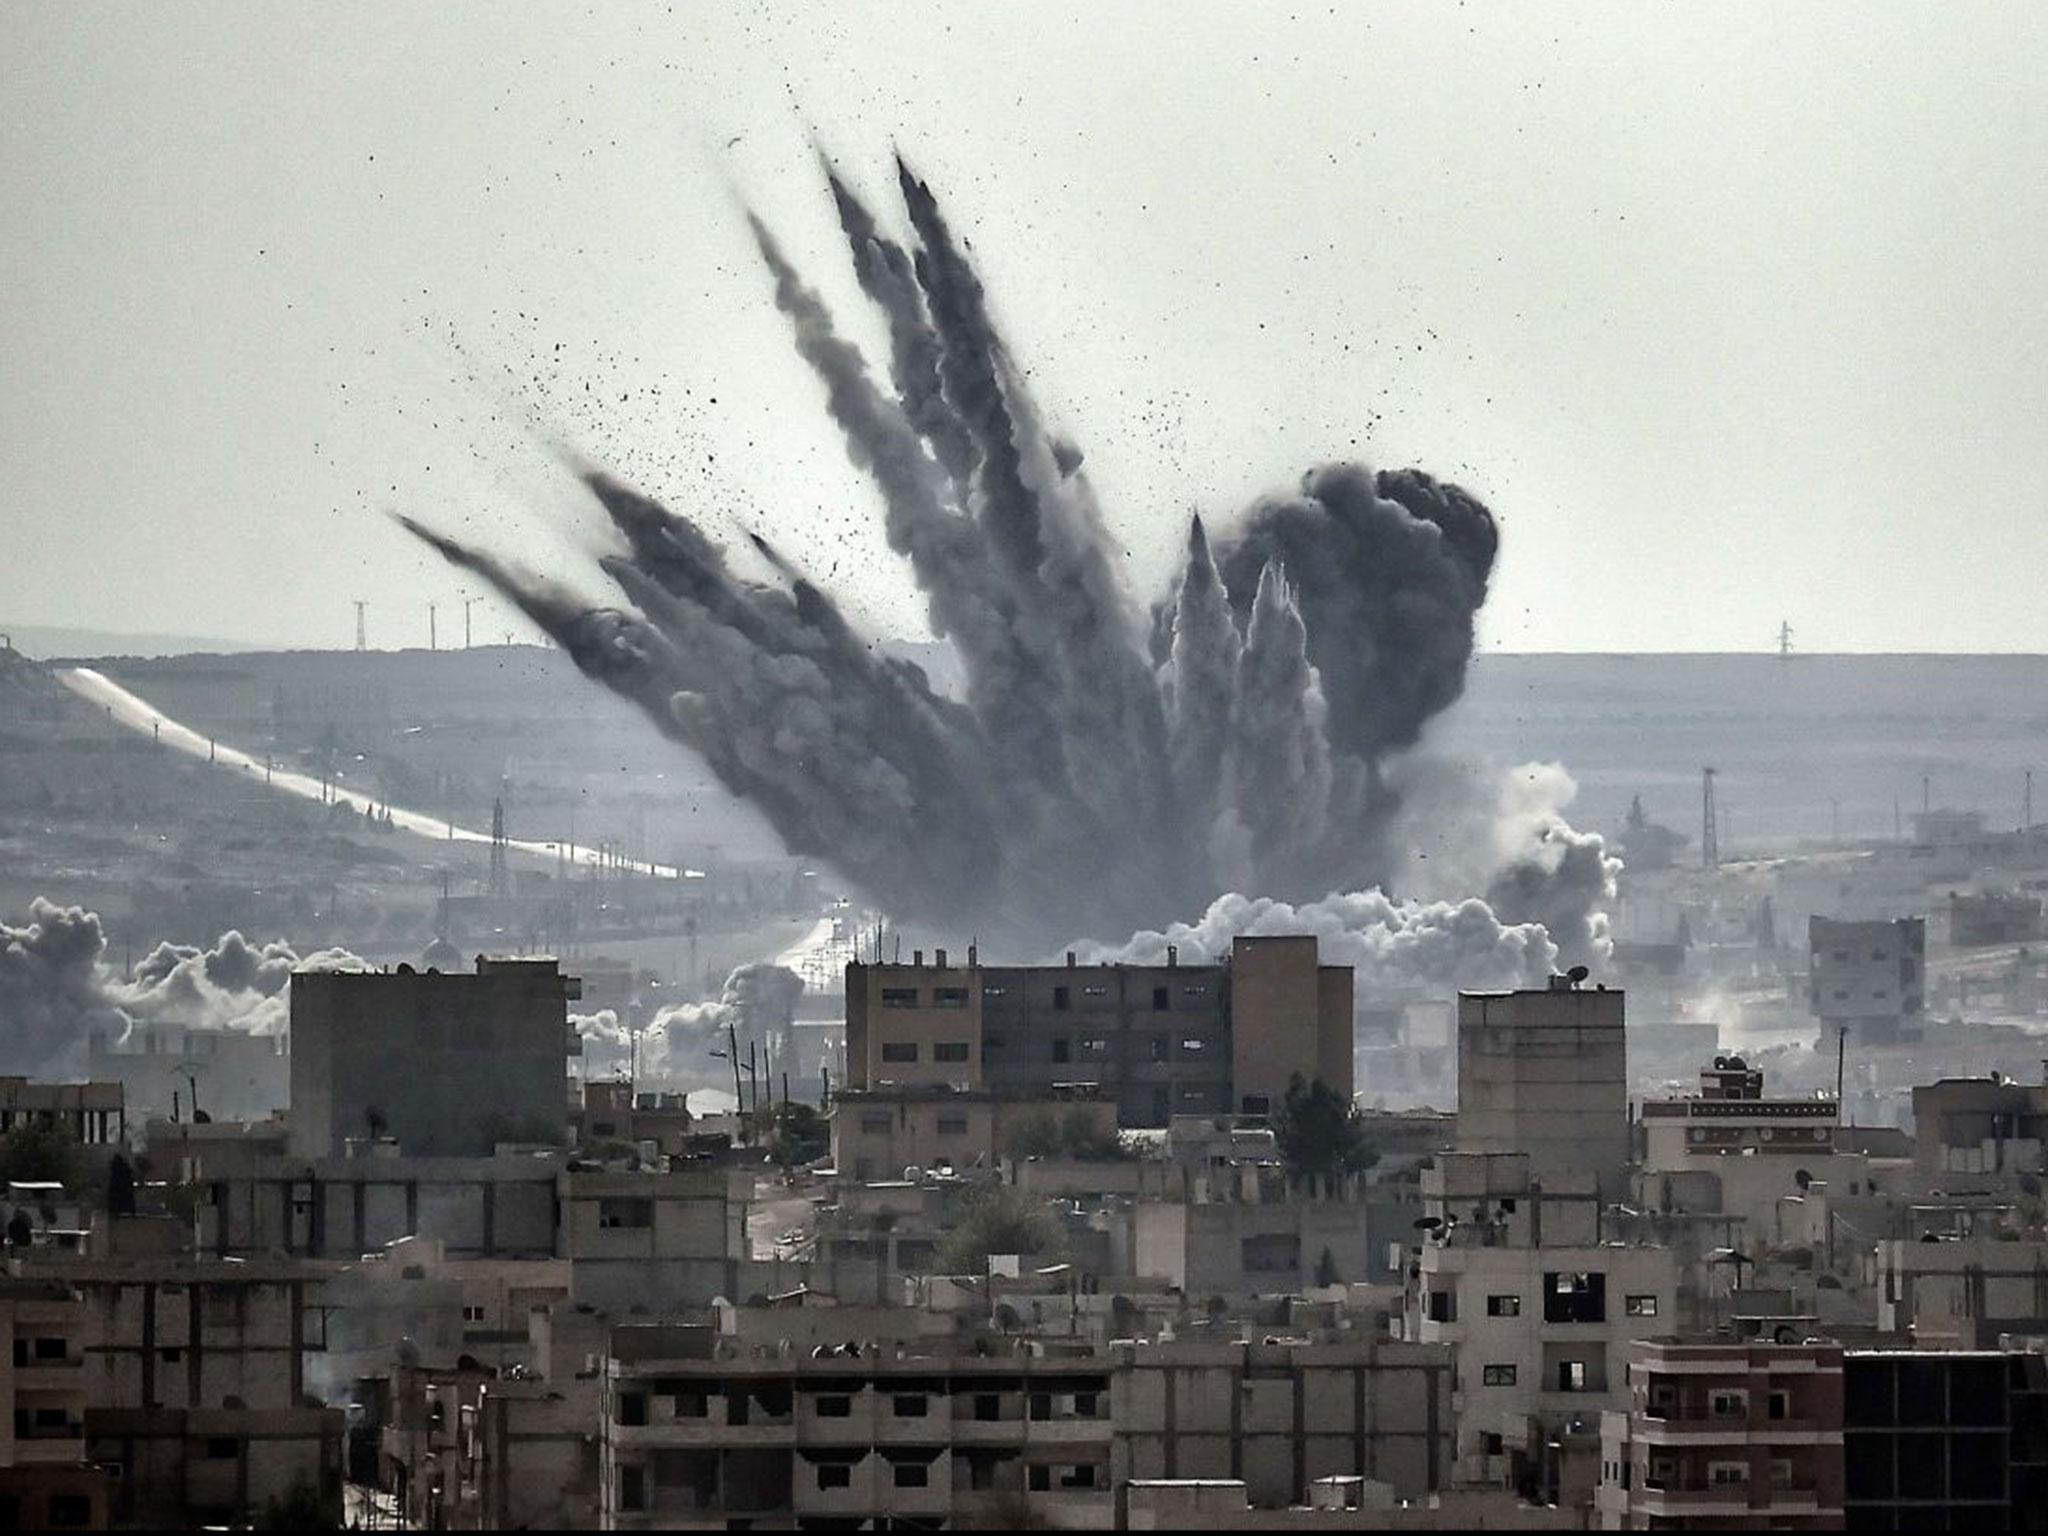 Гражданская война в Сирии принесла много горя населению этой страны